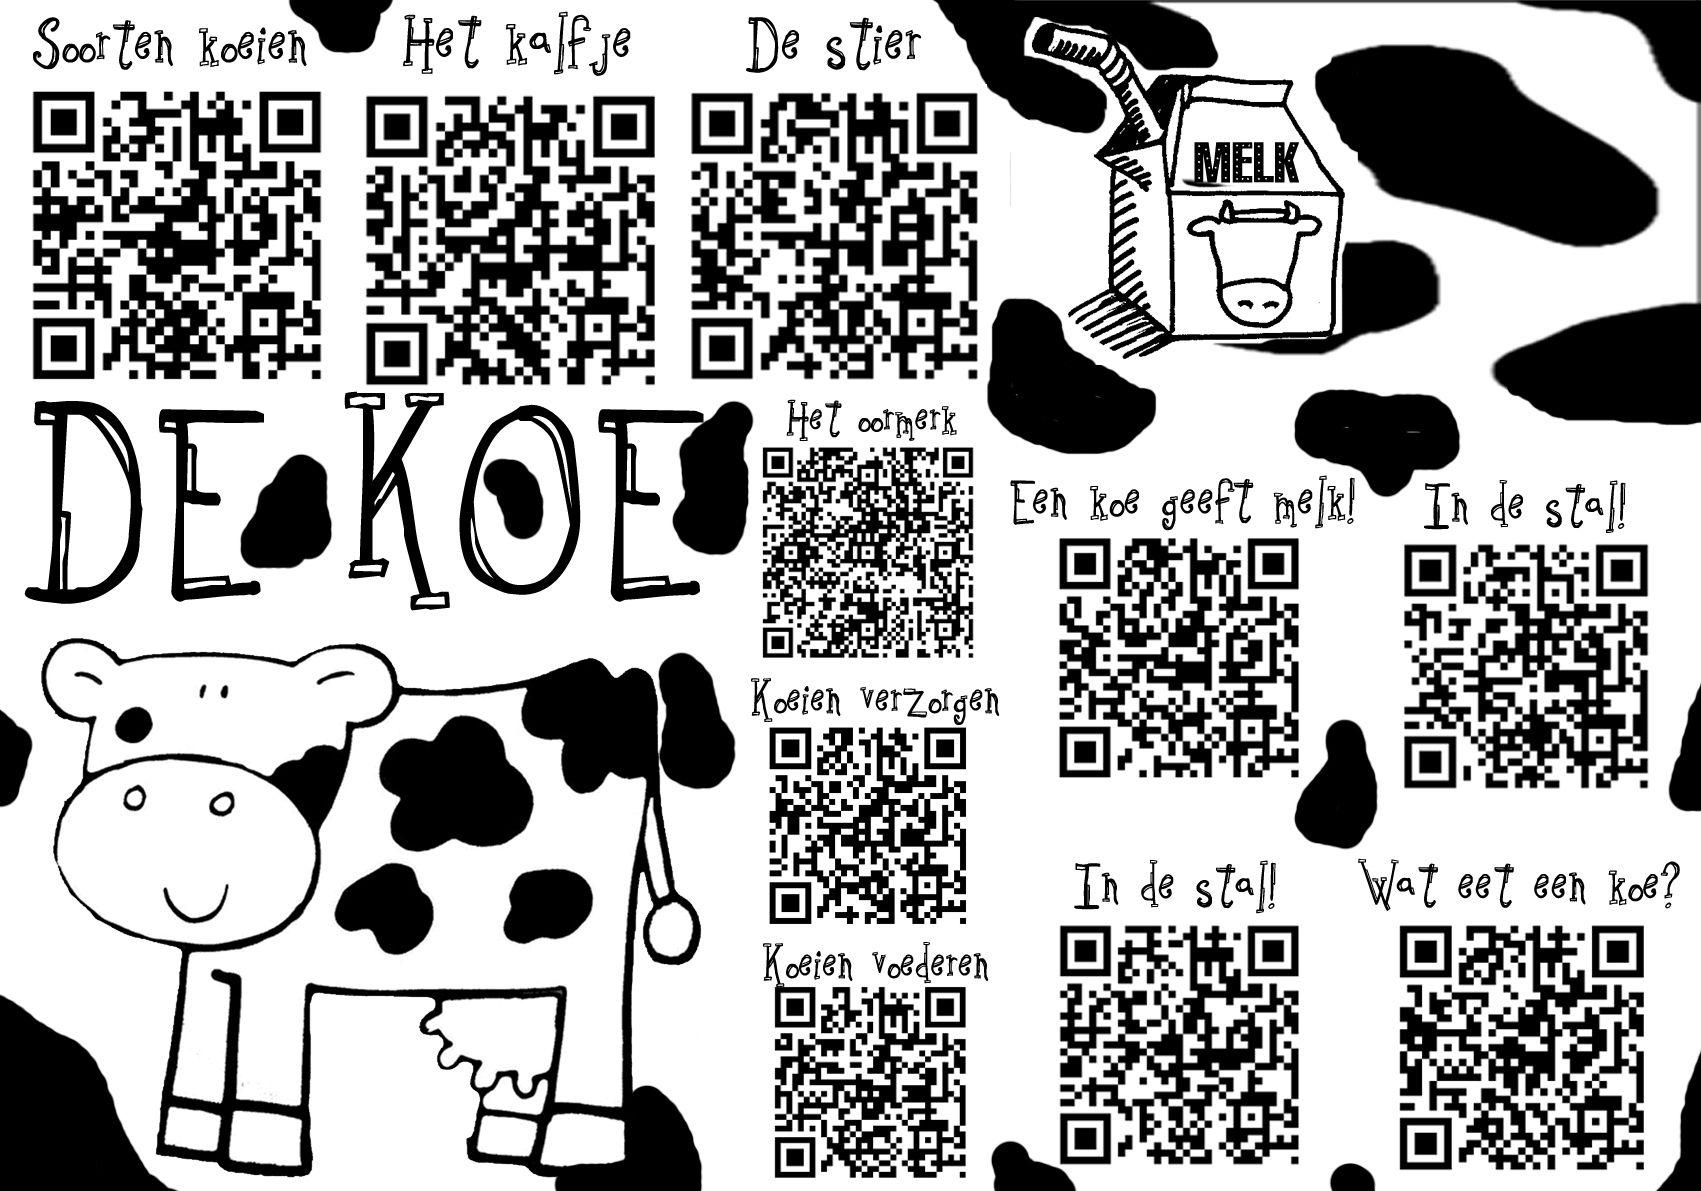 pin marga reimink op qr codes koeien en prentenboeken